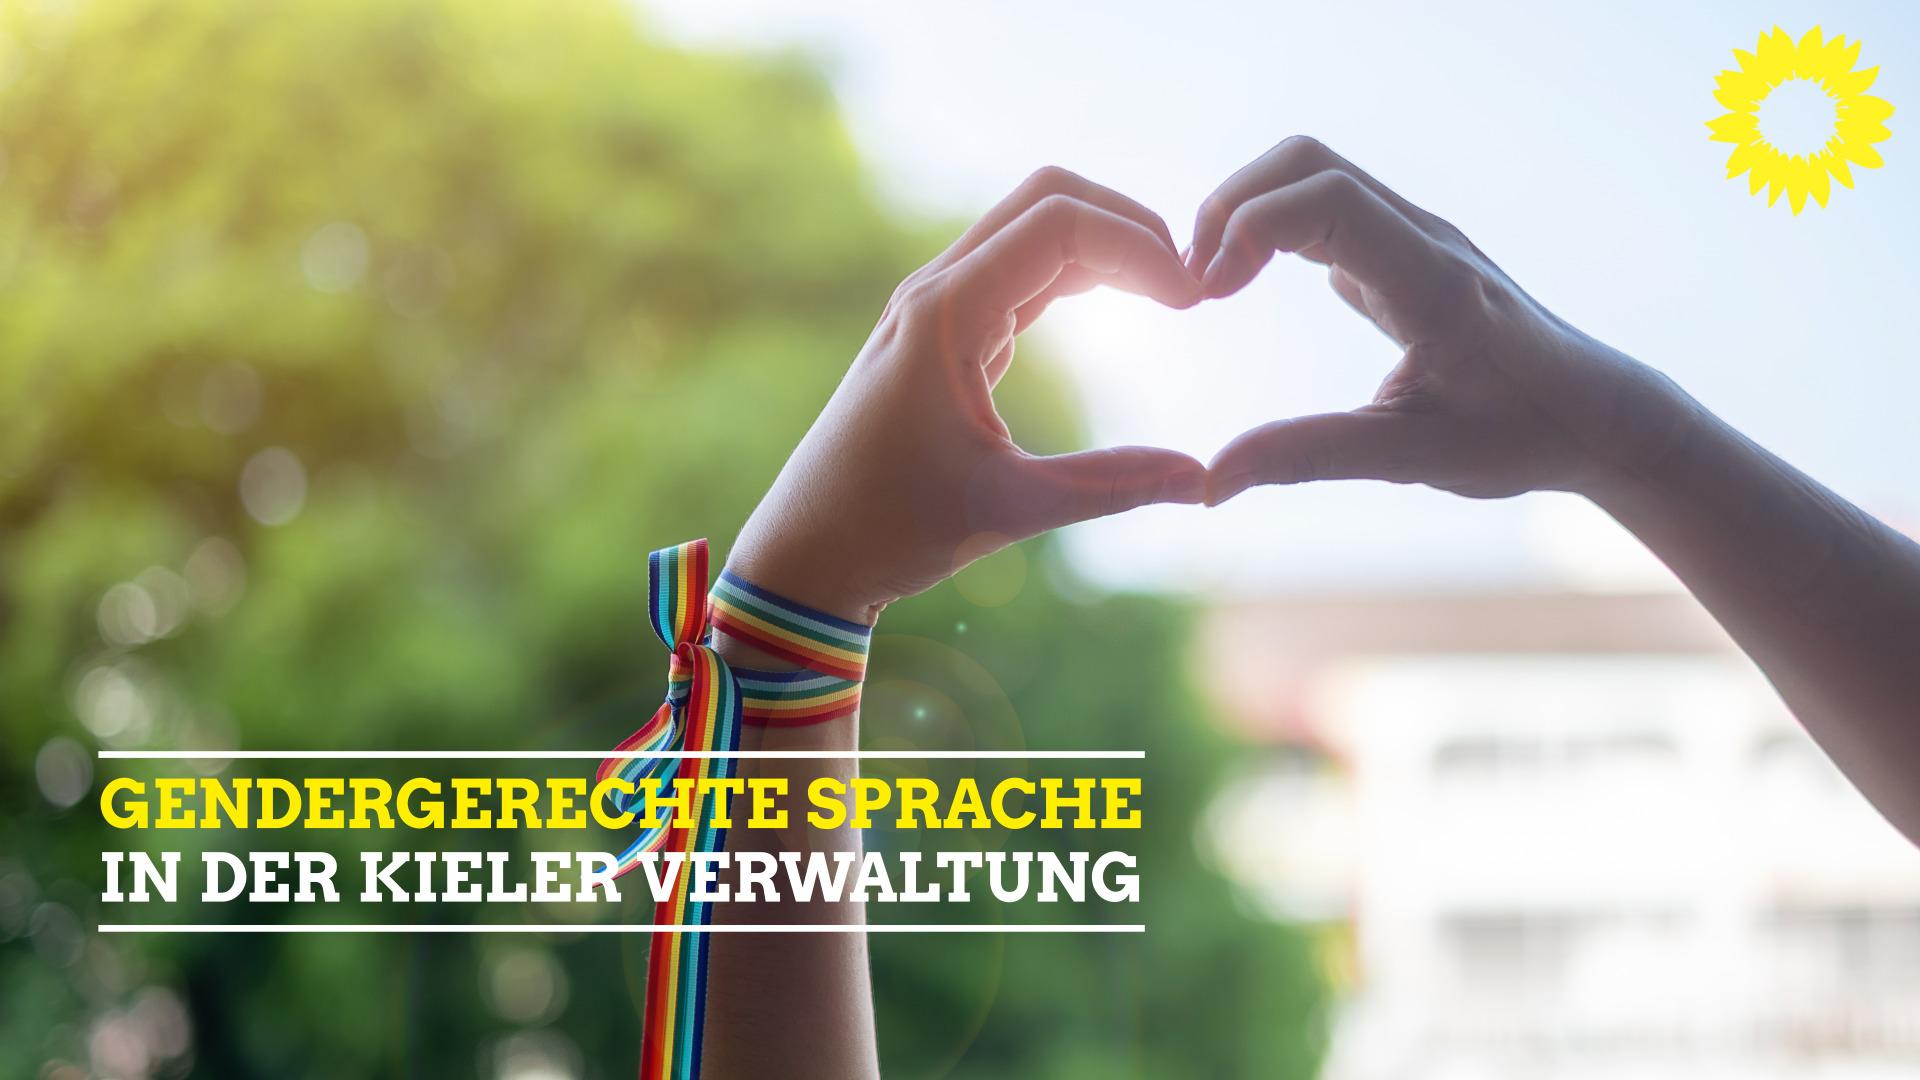 Kiel führt gendergerechte Sprache ein